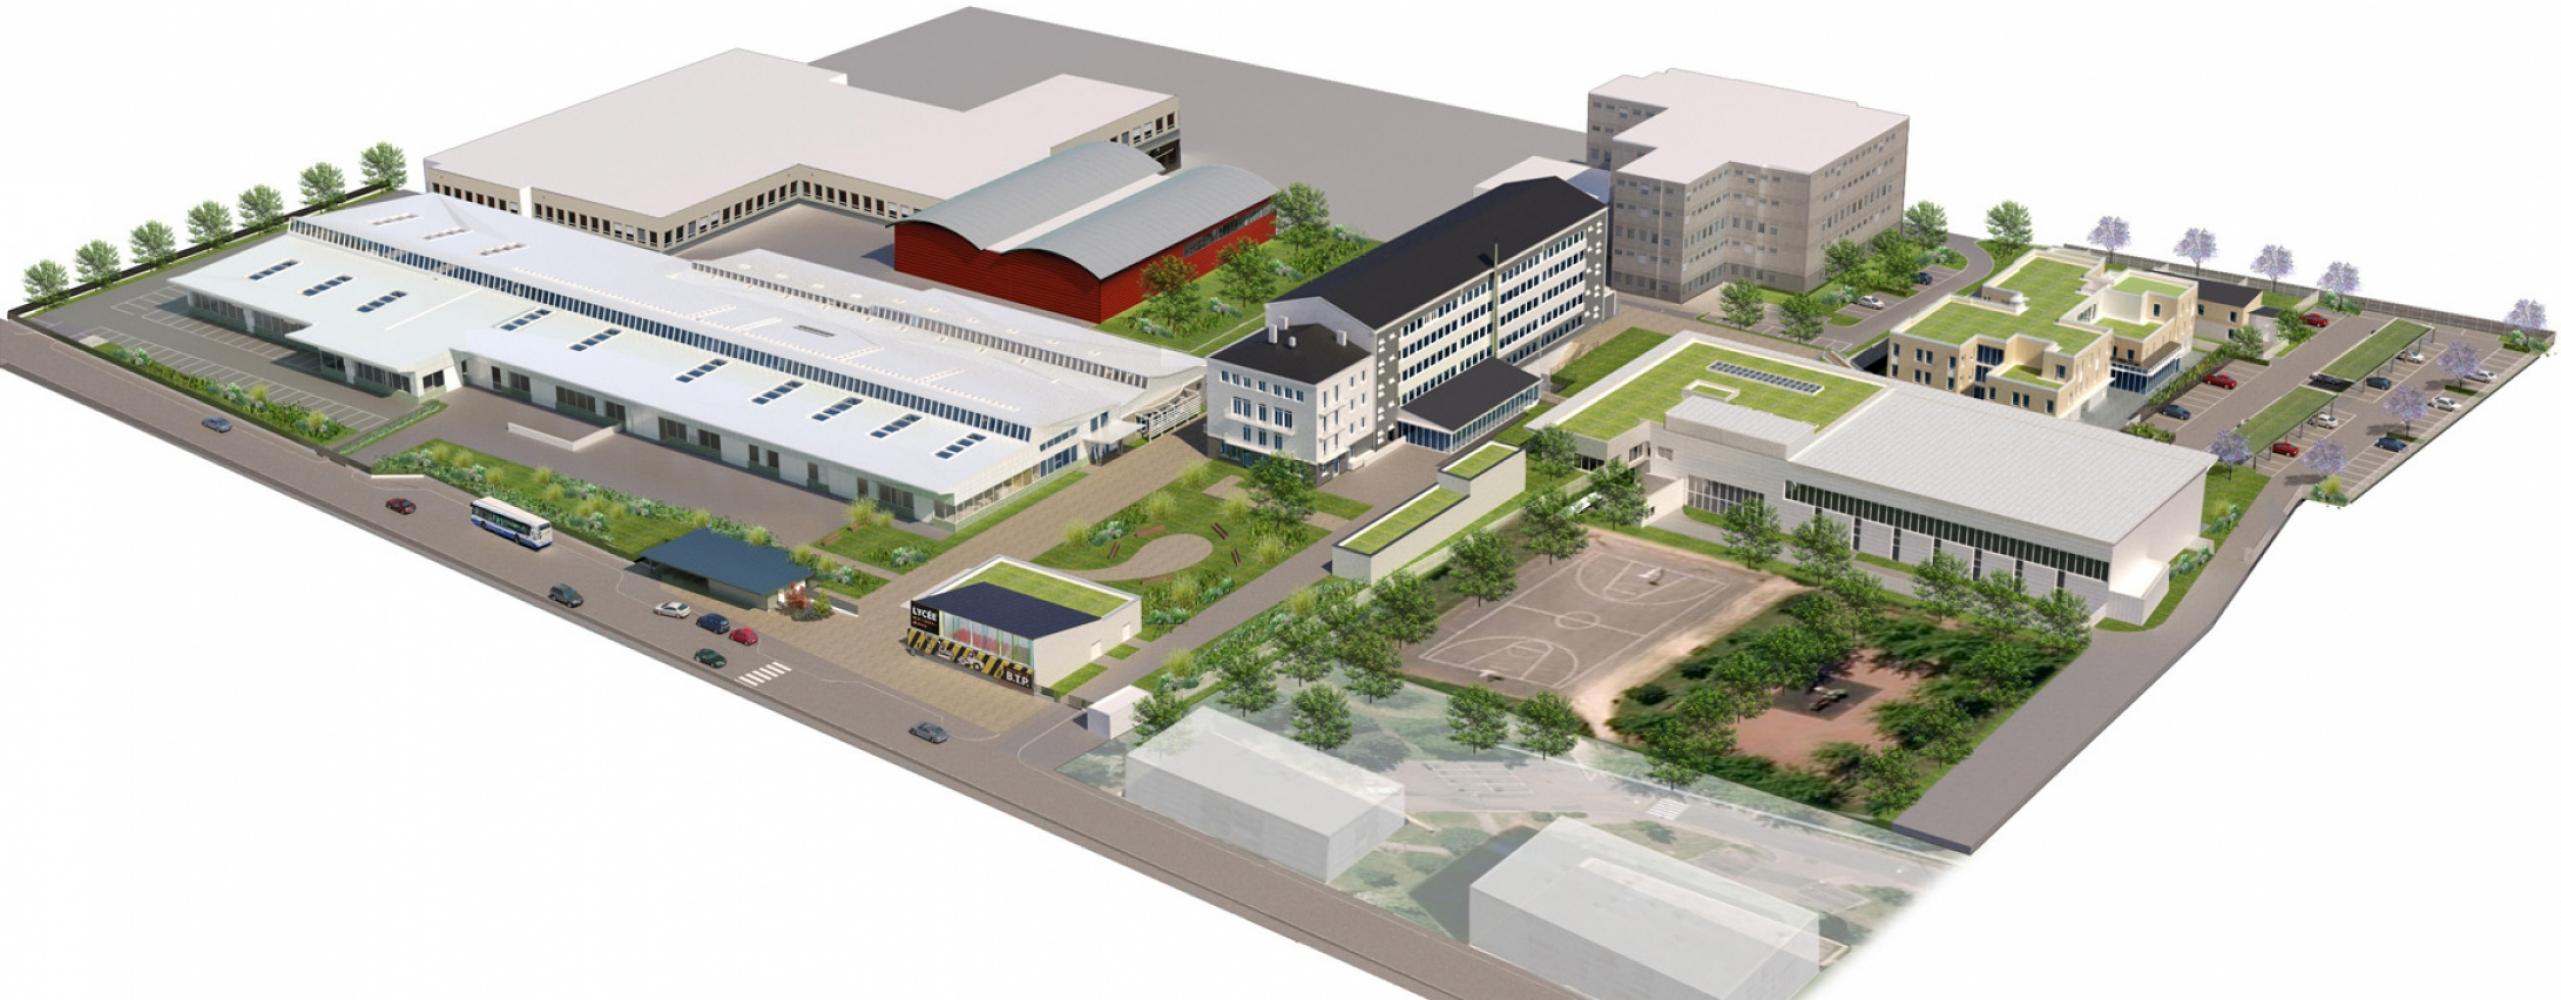 montigny04 Pascale SEURIN Architecte - Enseignement